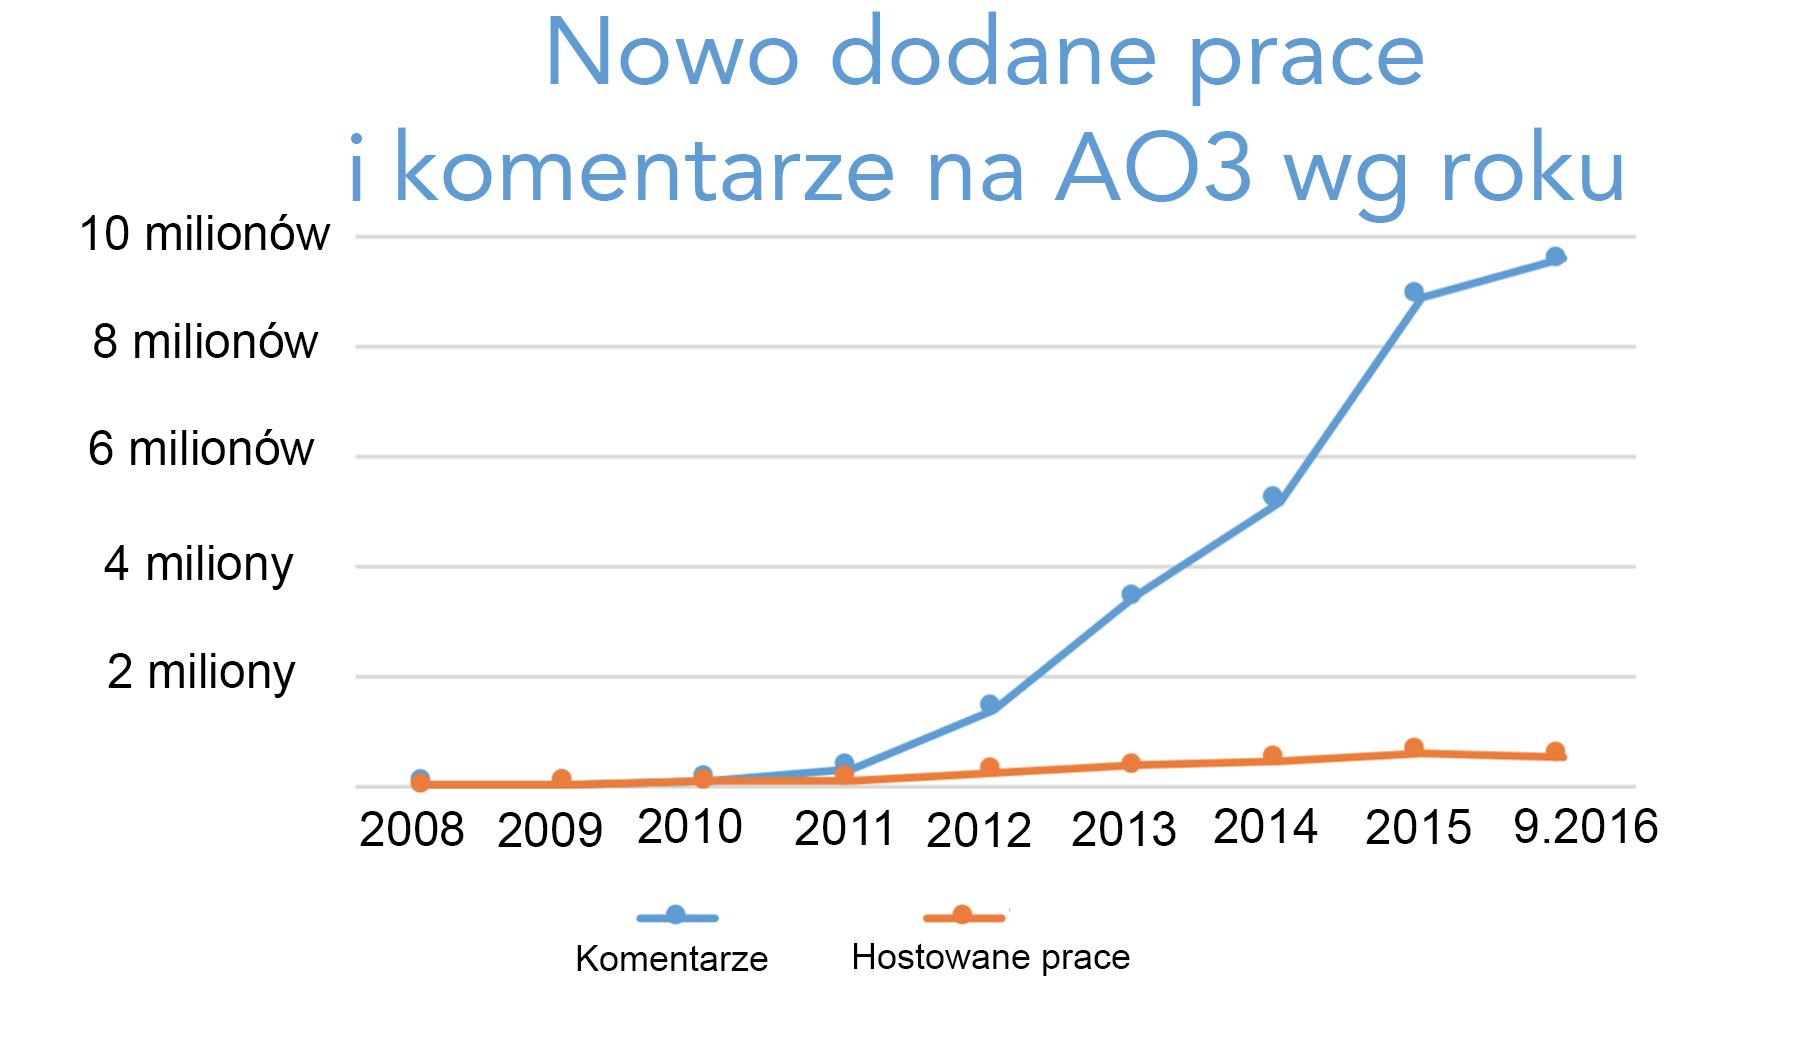 Grafika przyrostu prac i komentarzy tworzonych każdego roku na AO3, zaczynając od zera w 2008 roku do ponad 500 tysięcy prac i 9,5 miliona komentarzy tylko w bieżącym roku.